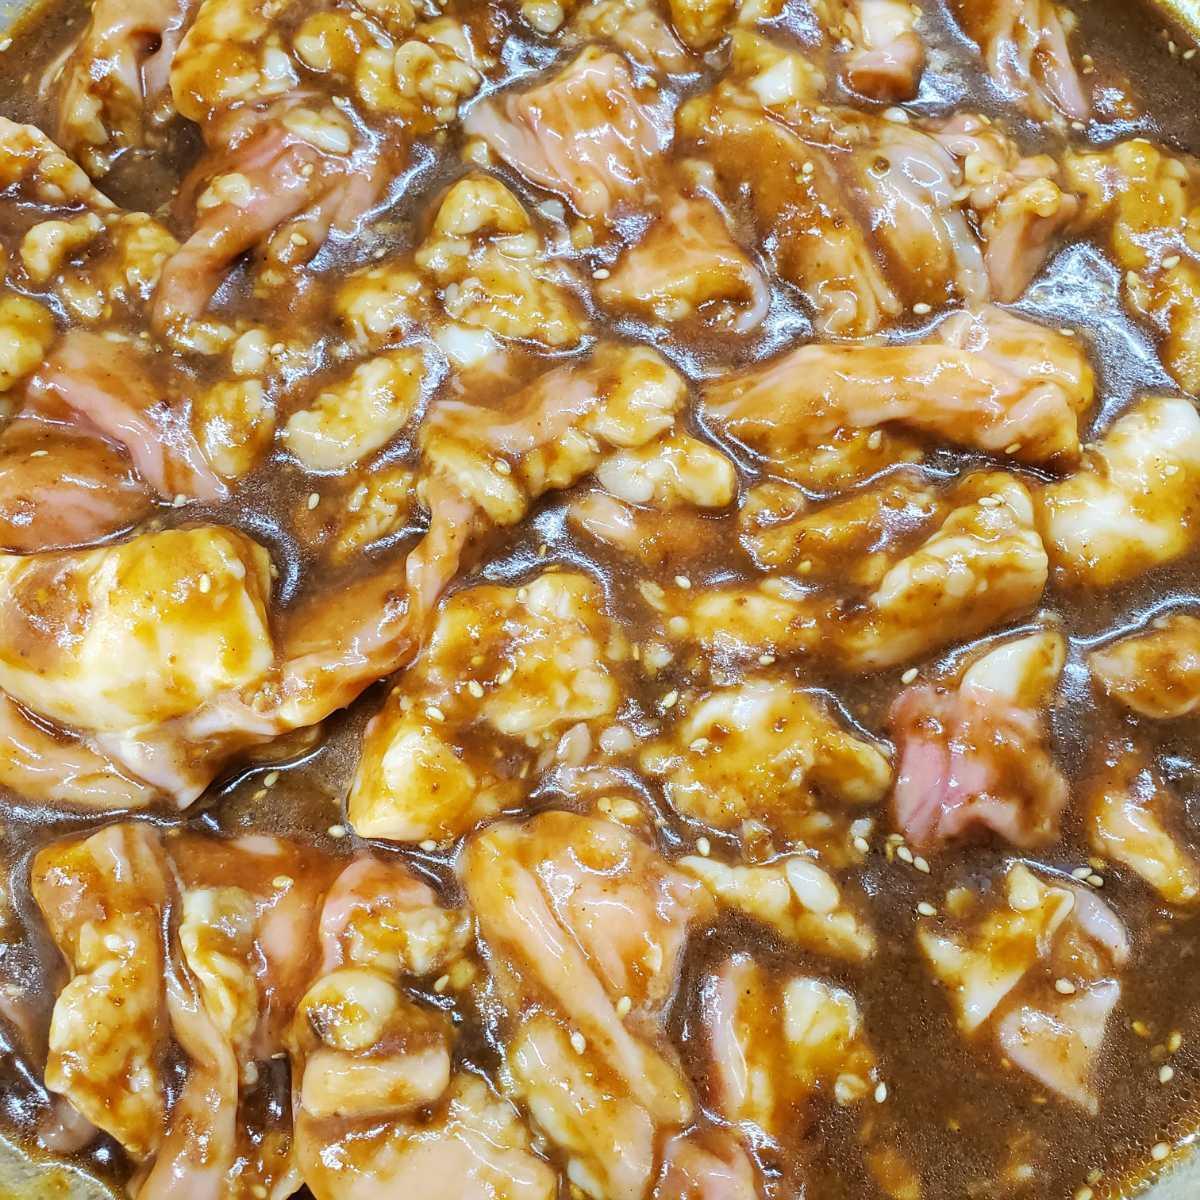 国産和牛ホルモン 小腸 味付け焼肉用 900g 新鮮! ぷりぷり! 旨味たっぷり! 【牛ホルモン】 焼肉_画像1